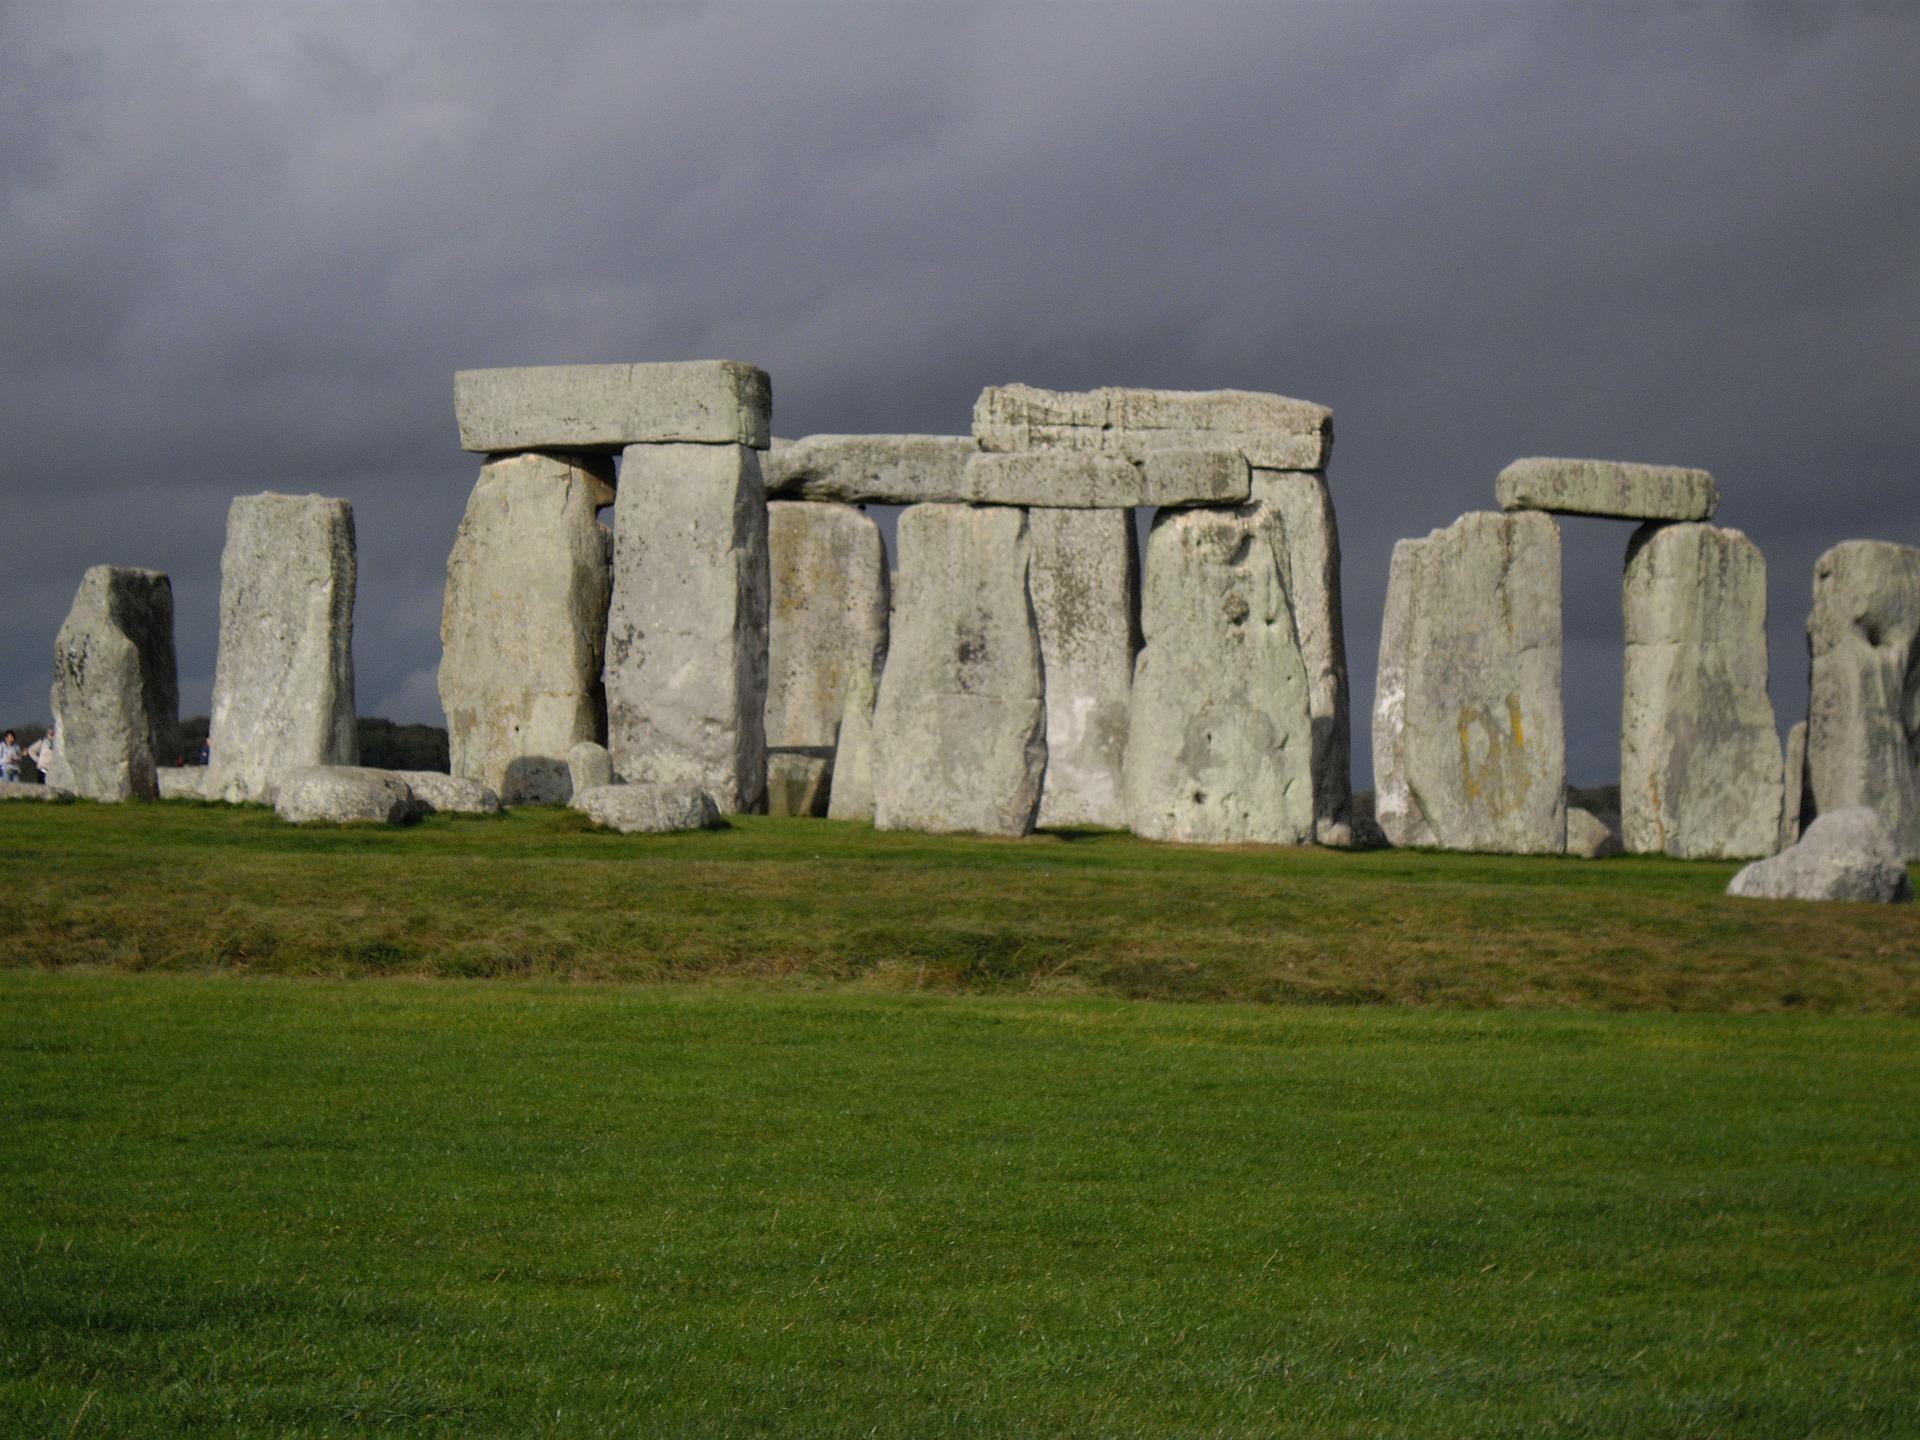 stonehenge-232074_1920.jpg